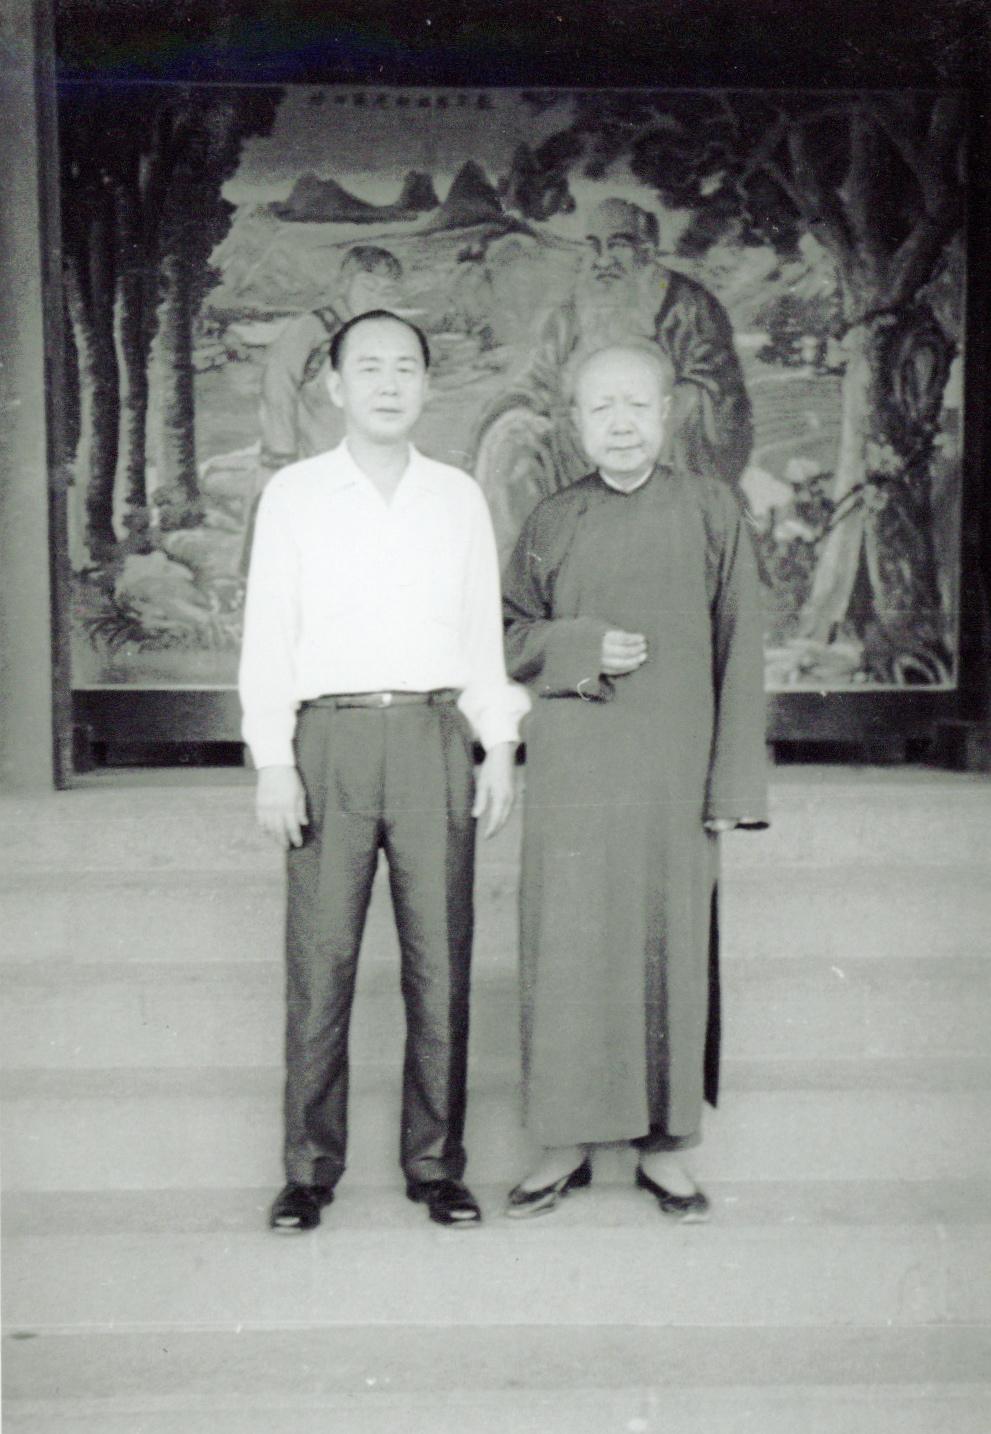 Master Gim Shek Ju on the left.